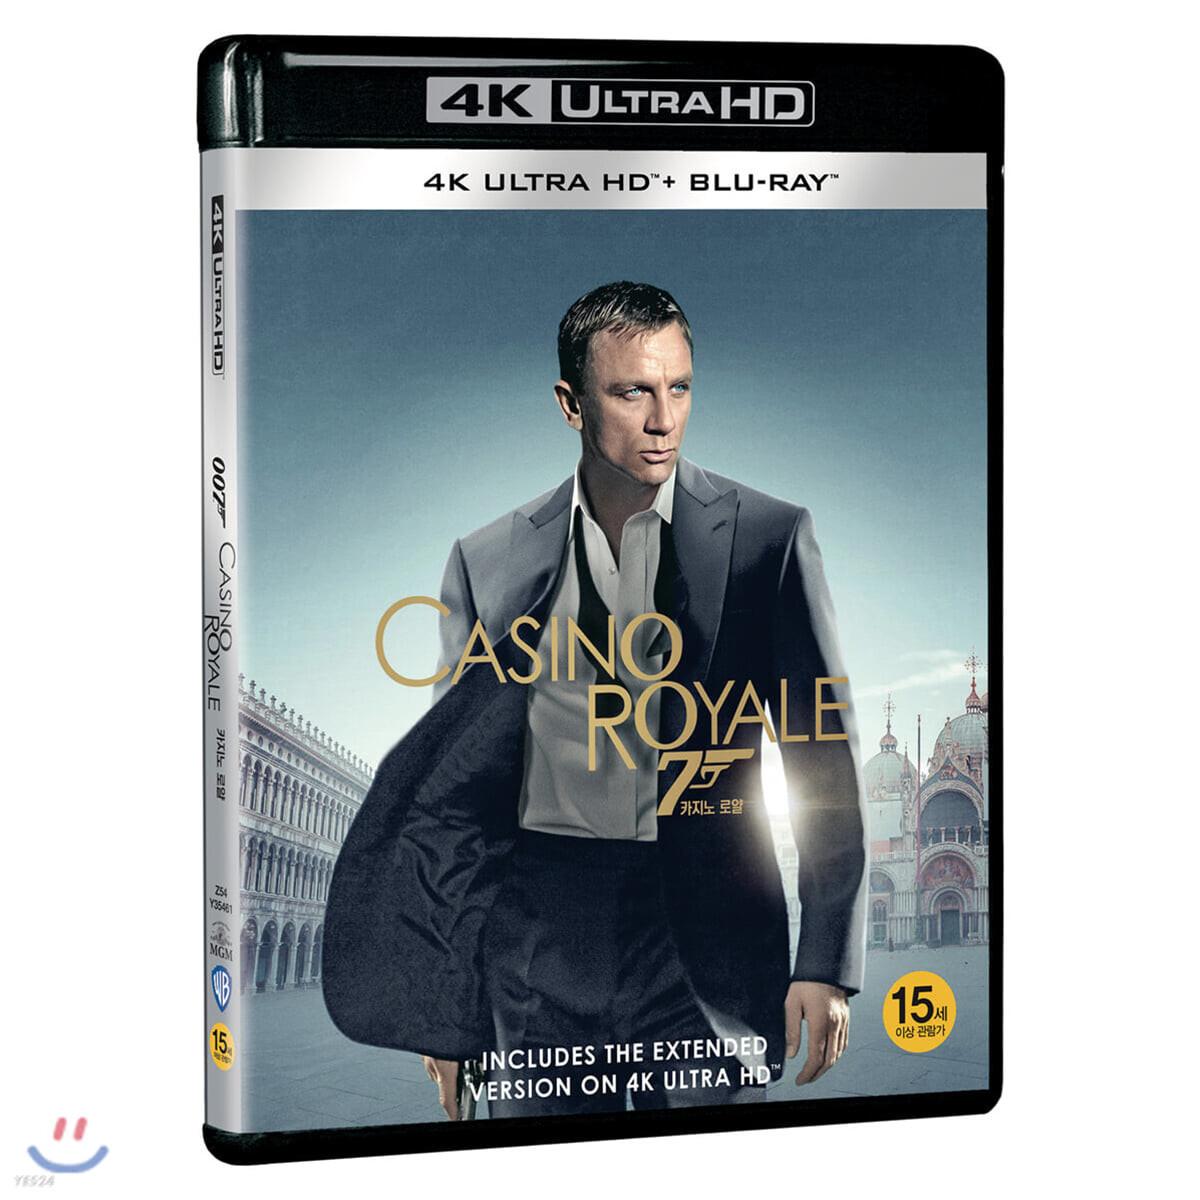 007 카지노 로얄 (2Disc, 4K UHD) : 블루레이